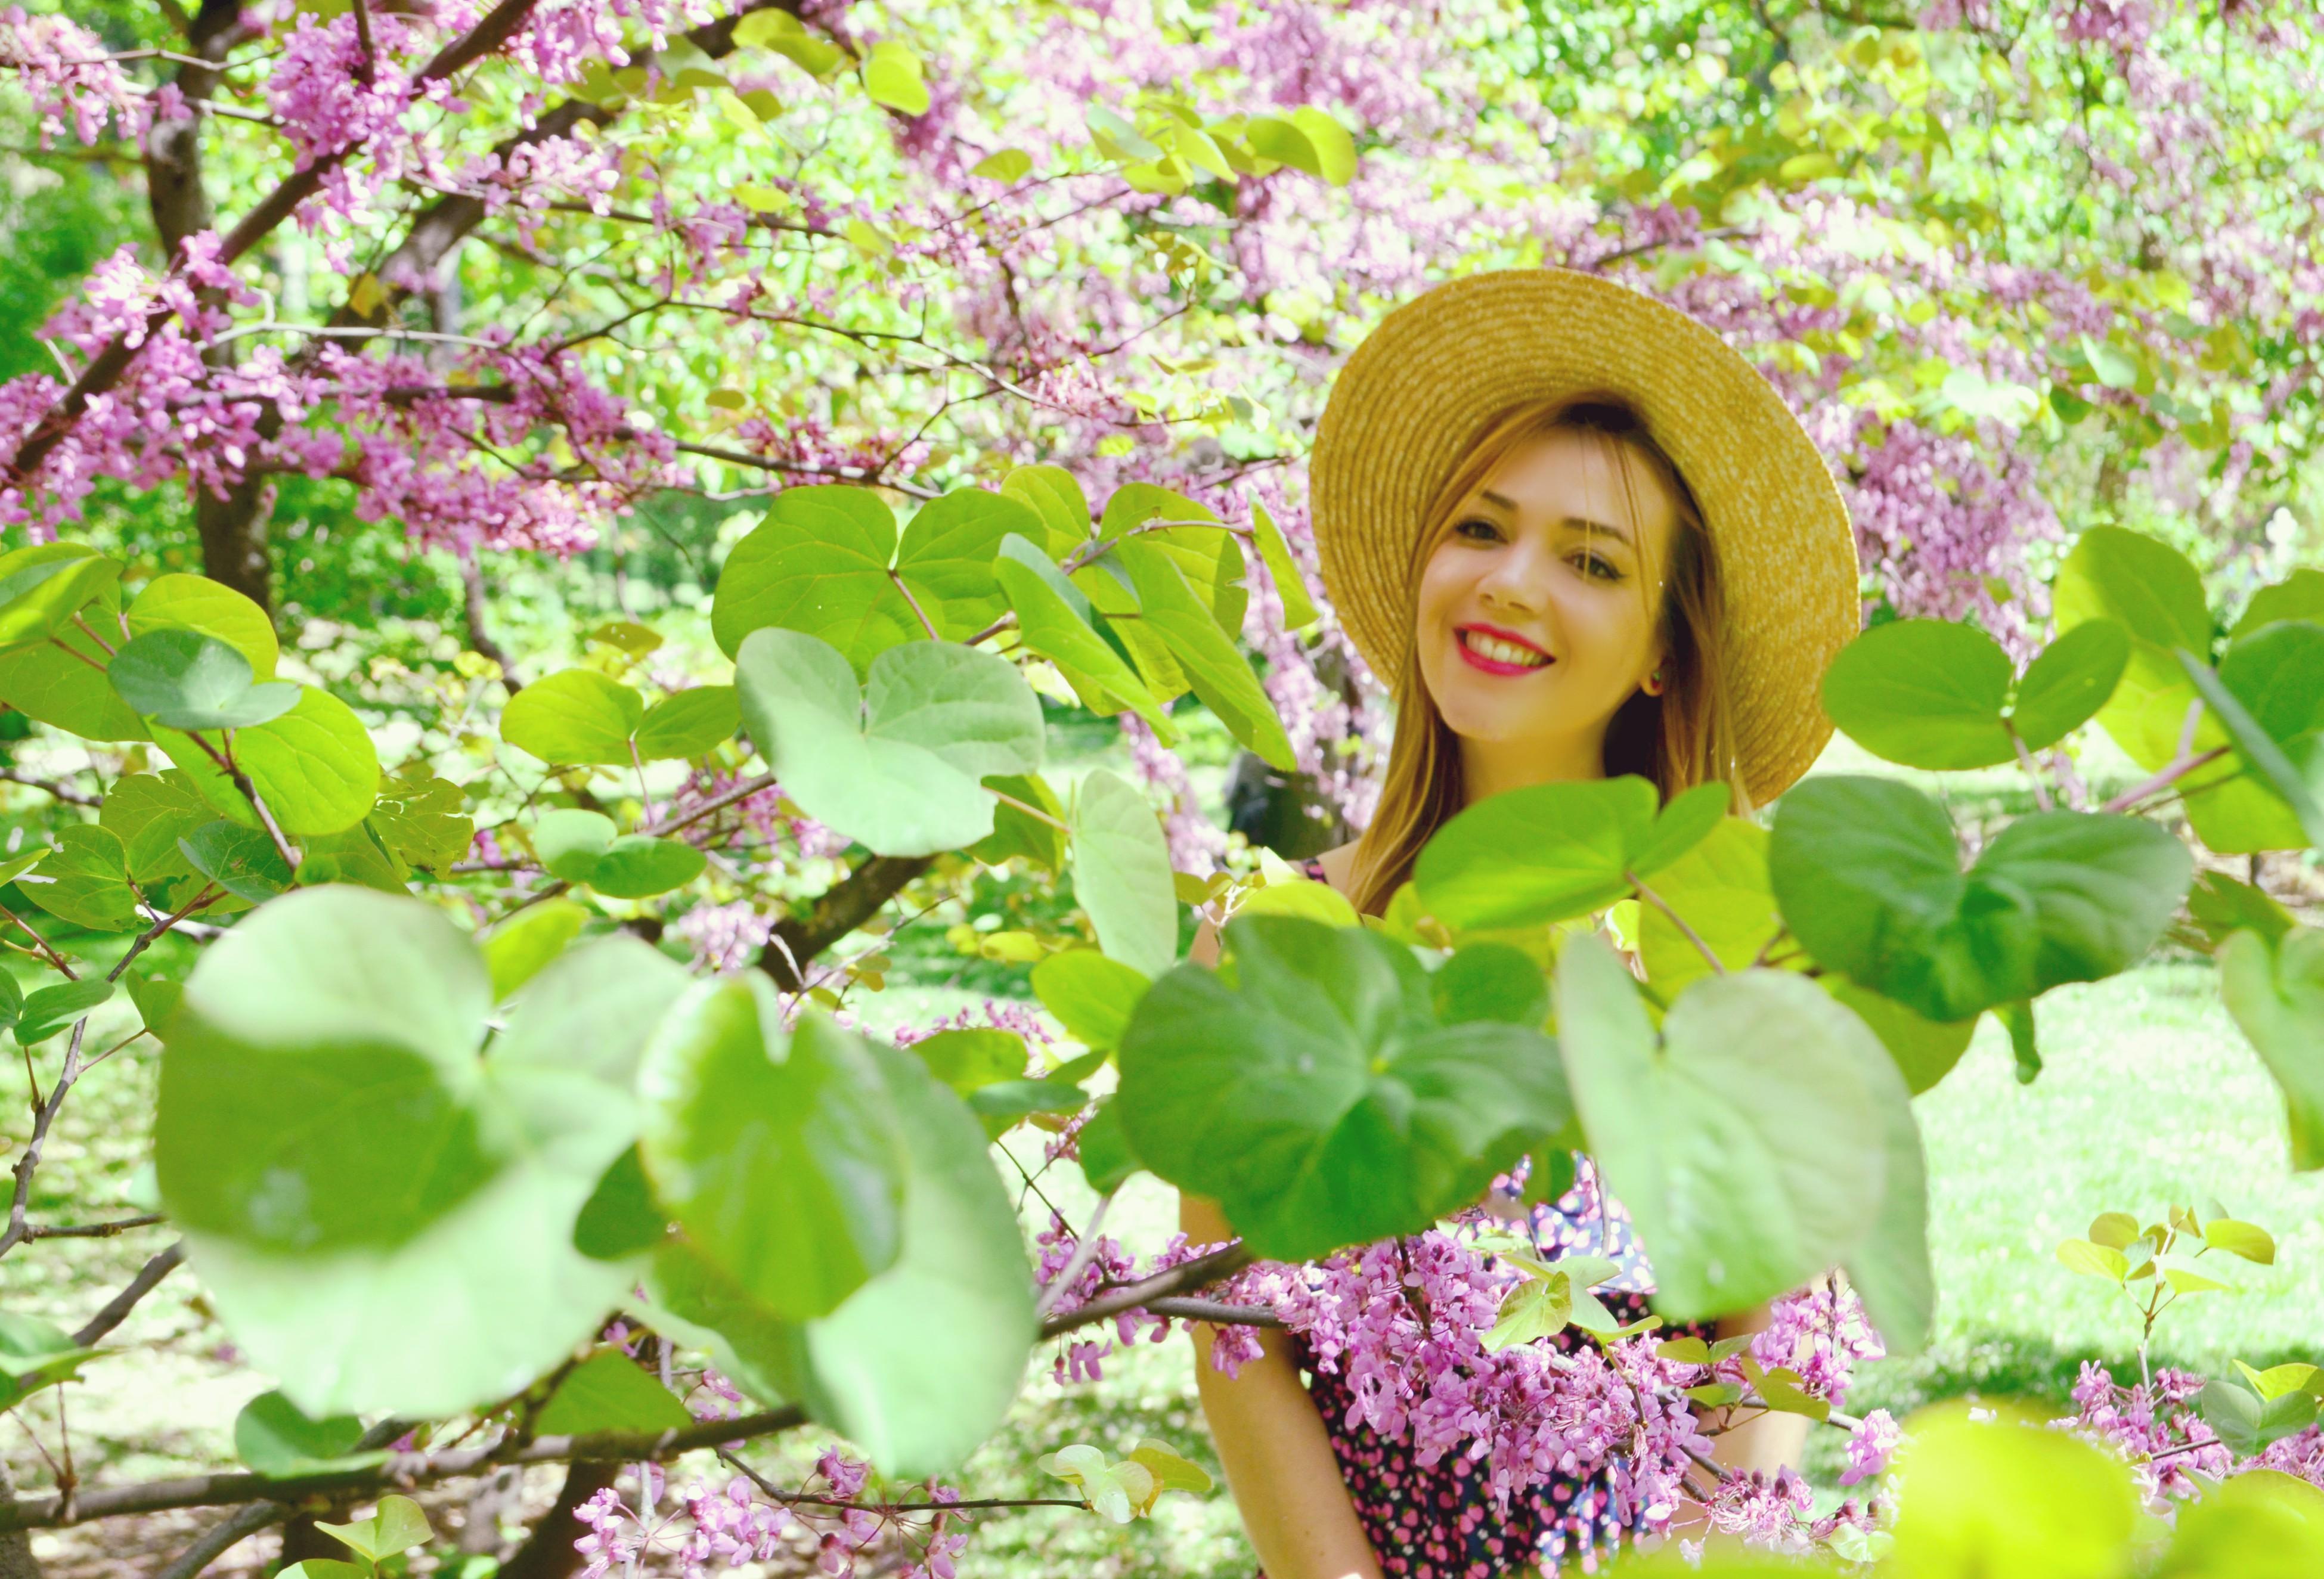 Fashionista-Vestido-Trakabarraka-blog-de-moda-ChicAdicta-look-de-primavera-Chic-Adicta-estampado-de-fresas-influencer-Madrid-PiensaenChic-Piensa-en-Chic